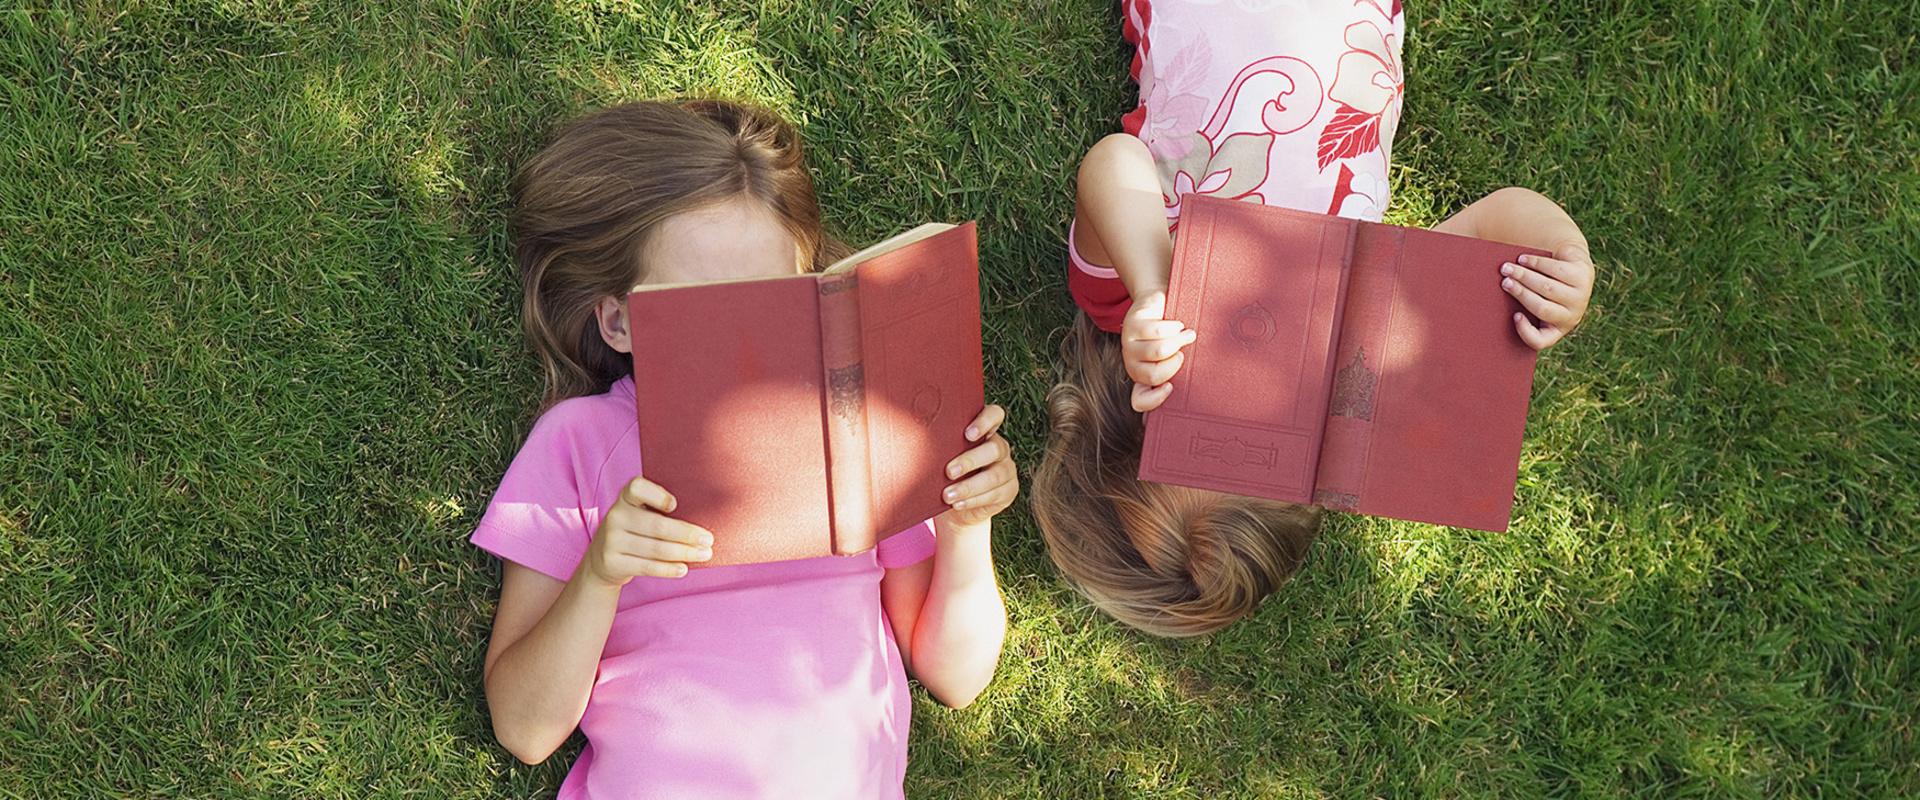 Современная детская литератВ детском списке для летнего чтения, кроме классической литературы, обязательно должны быть современные повести о таких же мальчишках и девчонках, об их отношениях с родителями и друг с другом. Forbes Life предлагает 10 новых детских книг о взрослении, дружбе, любви и том, как важно идти за своей мечтой и сохранять мужество и достоинство, независимо от того, какой век на двореура для летнего чтения